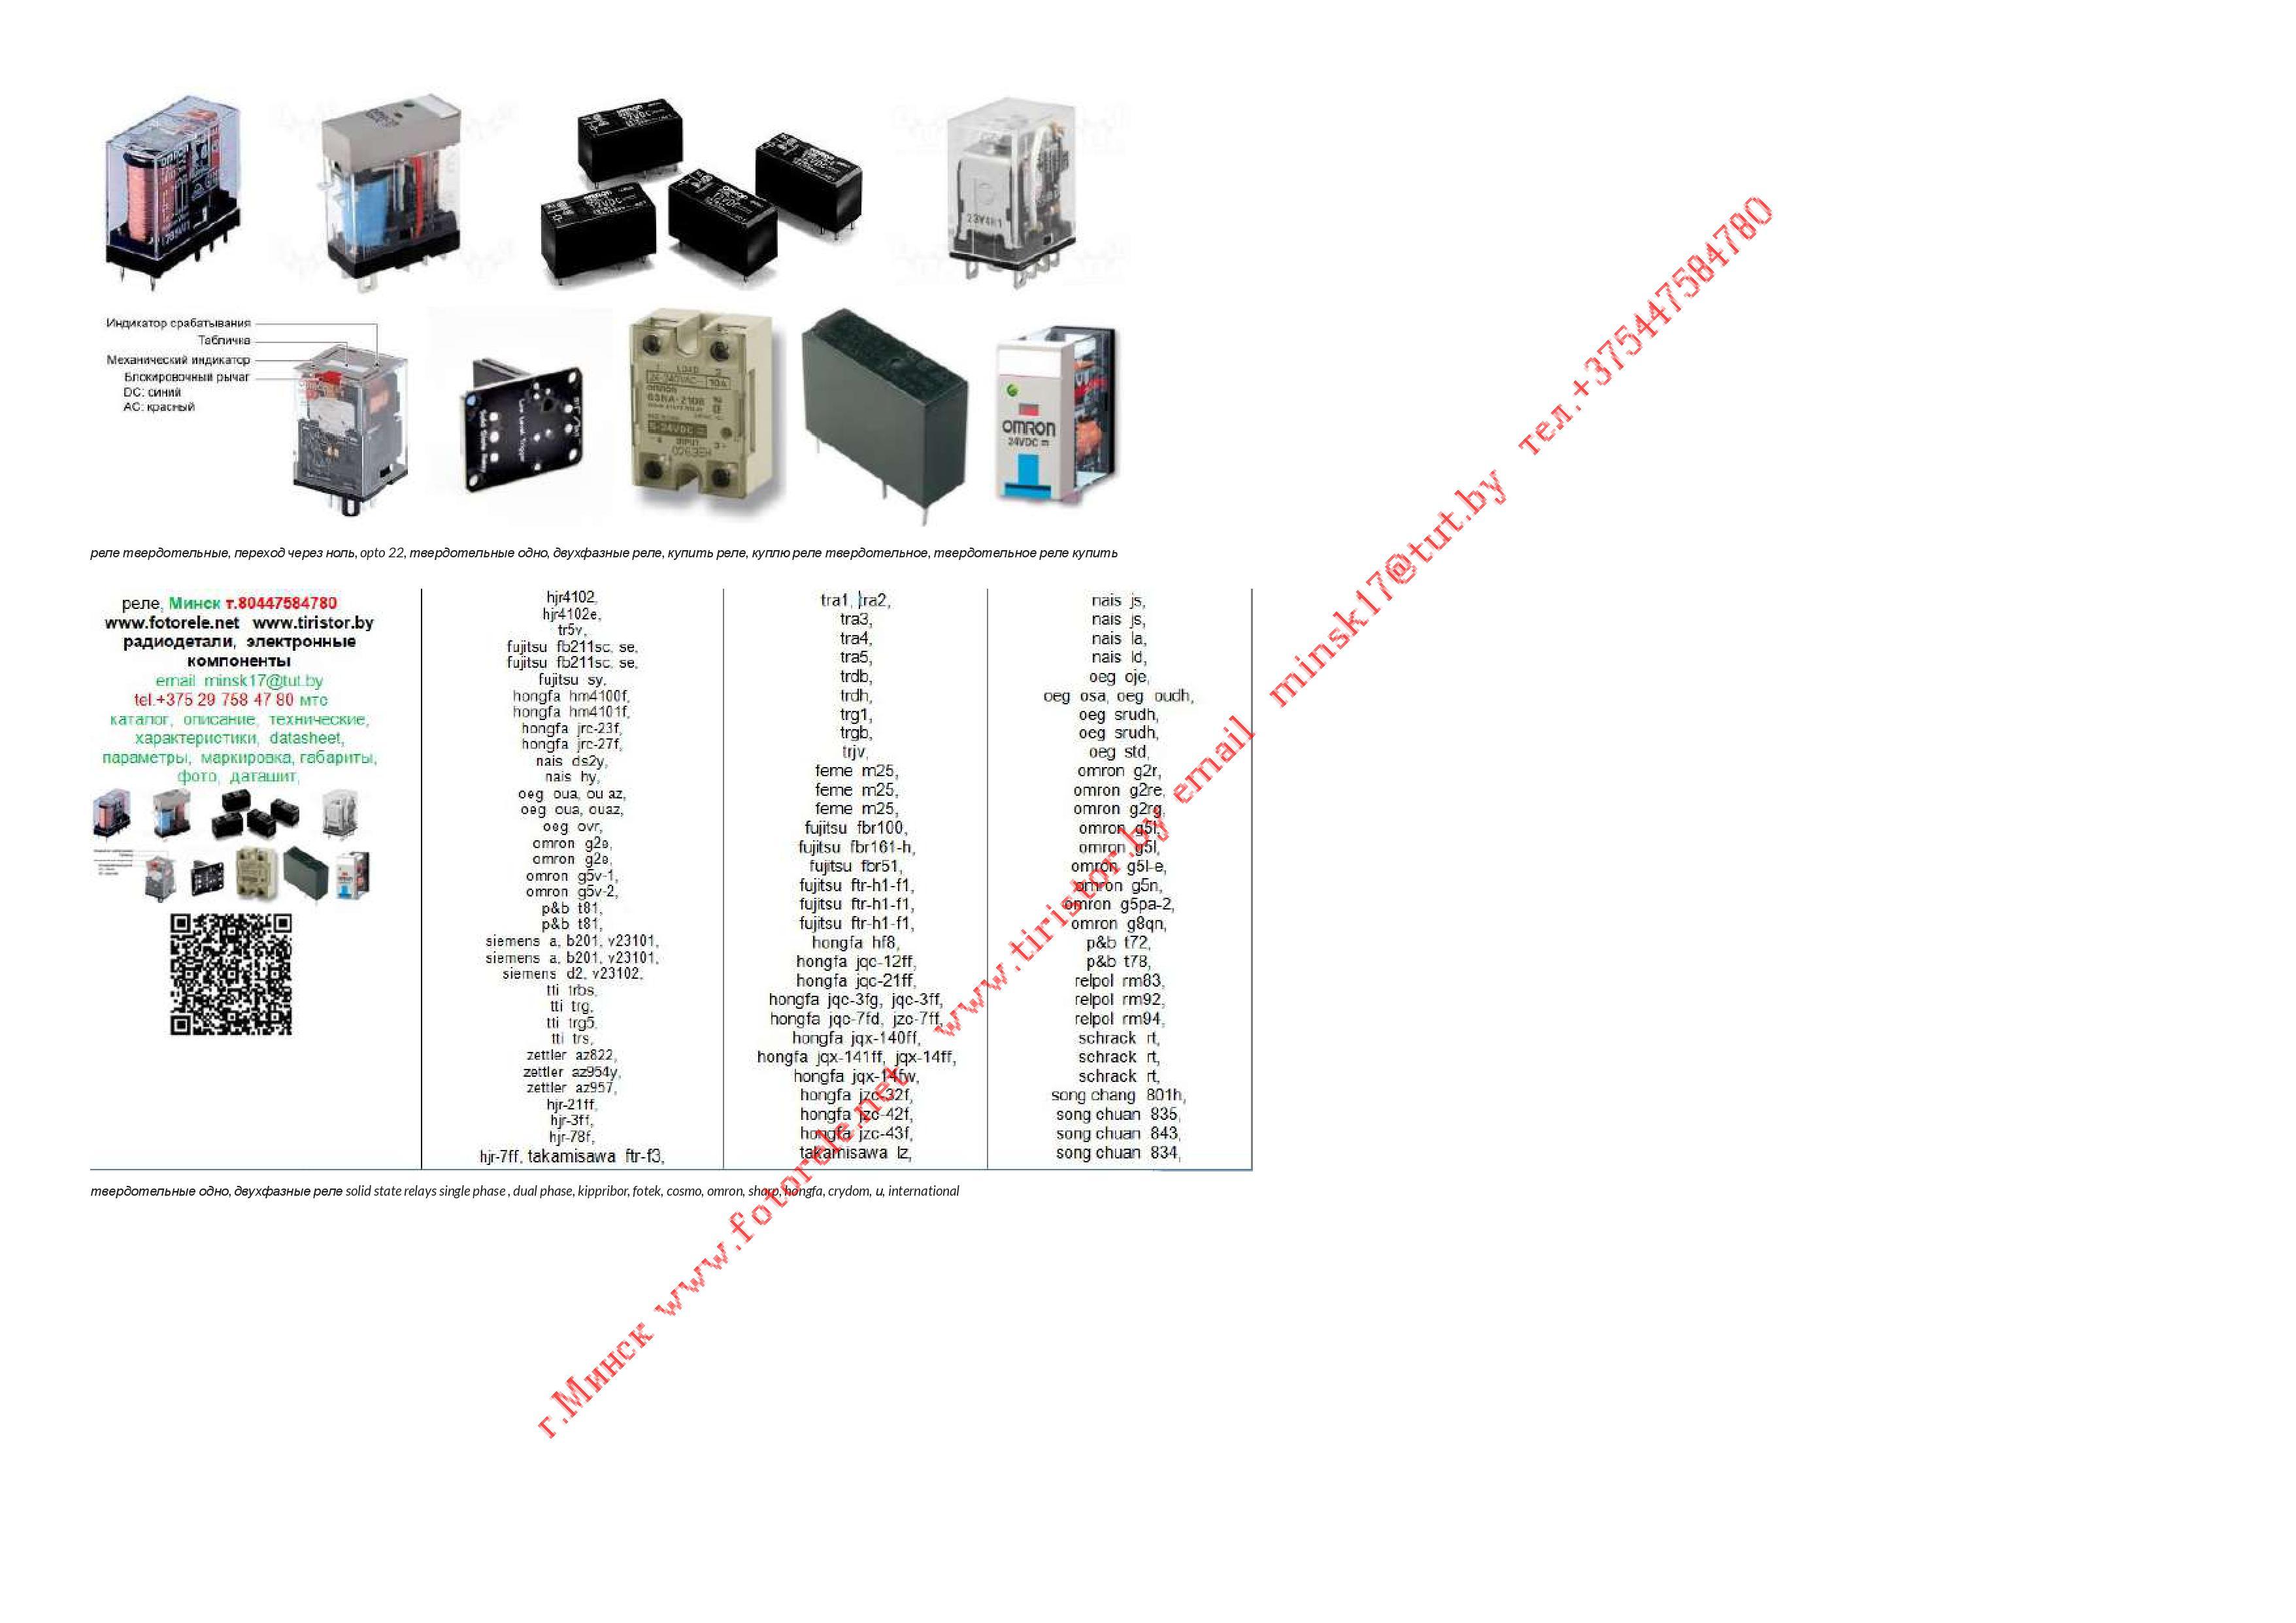 Реле, твердотельное, Crydom , модуль, каталог, описание, технические, характеристики, datasheet, параметры, маркировка,габариты, фото, даташит, solid state relay